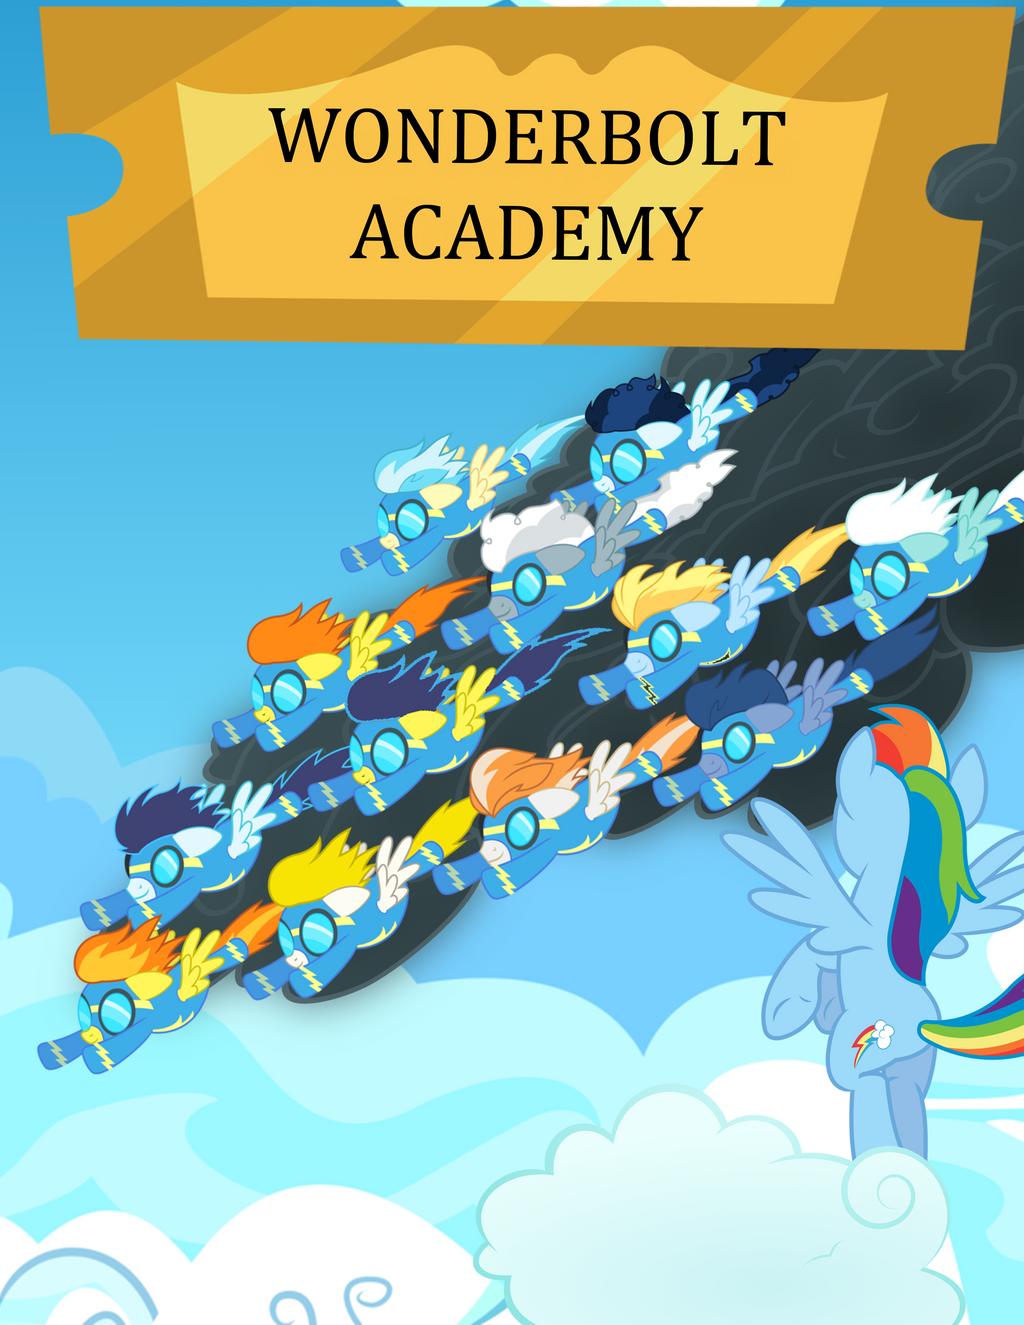 Wonderbolt Academy by IceOfWaterflock on DeviantArt  Wonderbolt Acad...